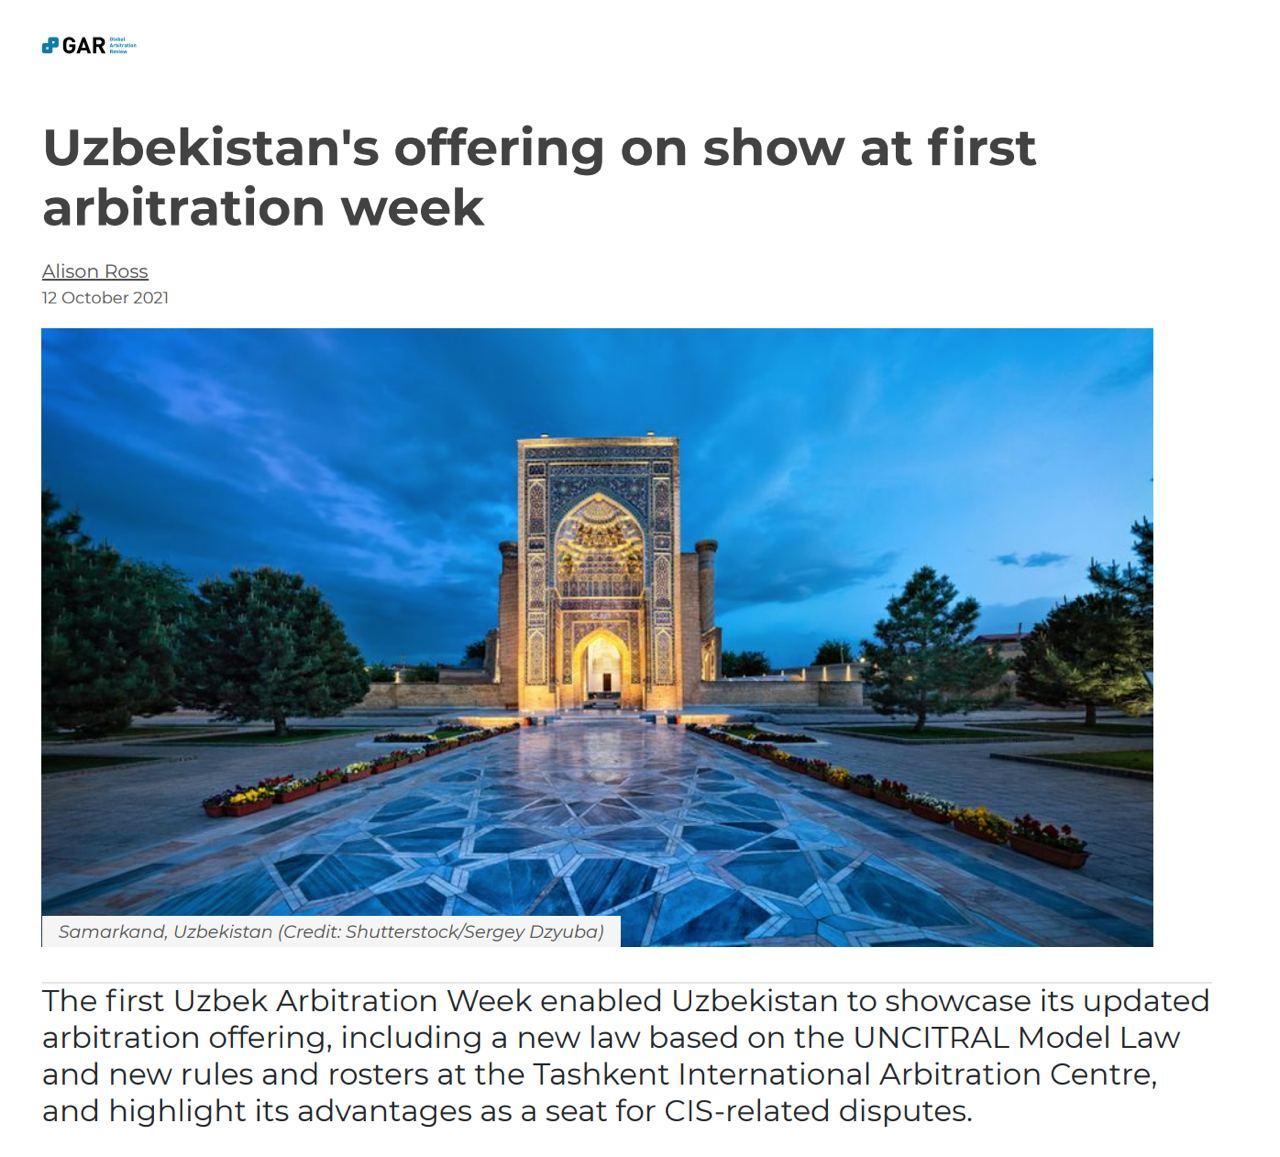 Global Arbitration Review опубликовало статью об Узбекской неделе арбитража